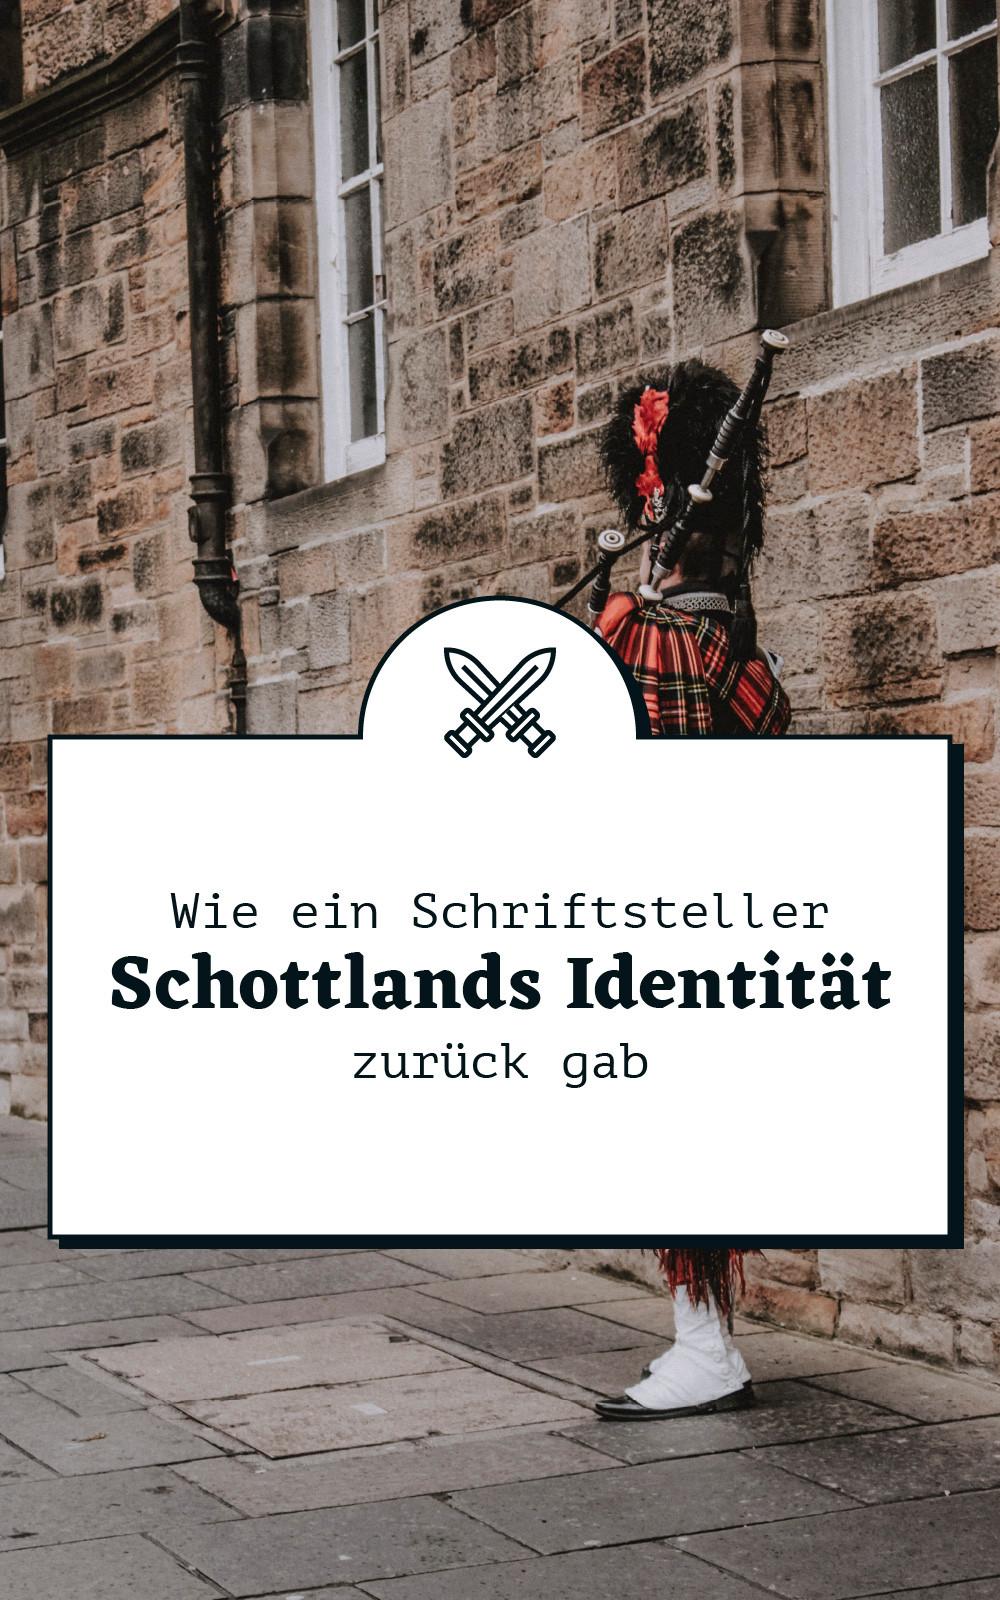 Wie ein Schriftsteller Schottlands Identität zurück gab